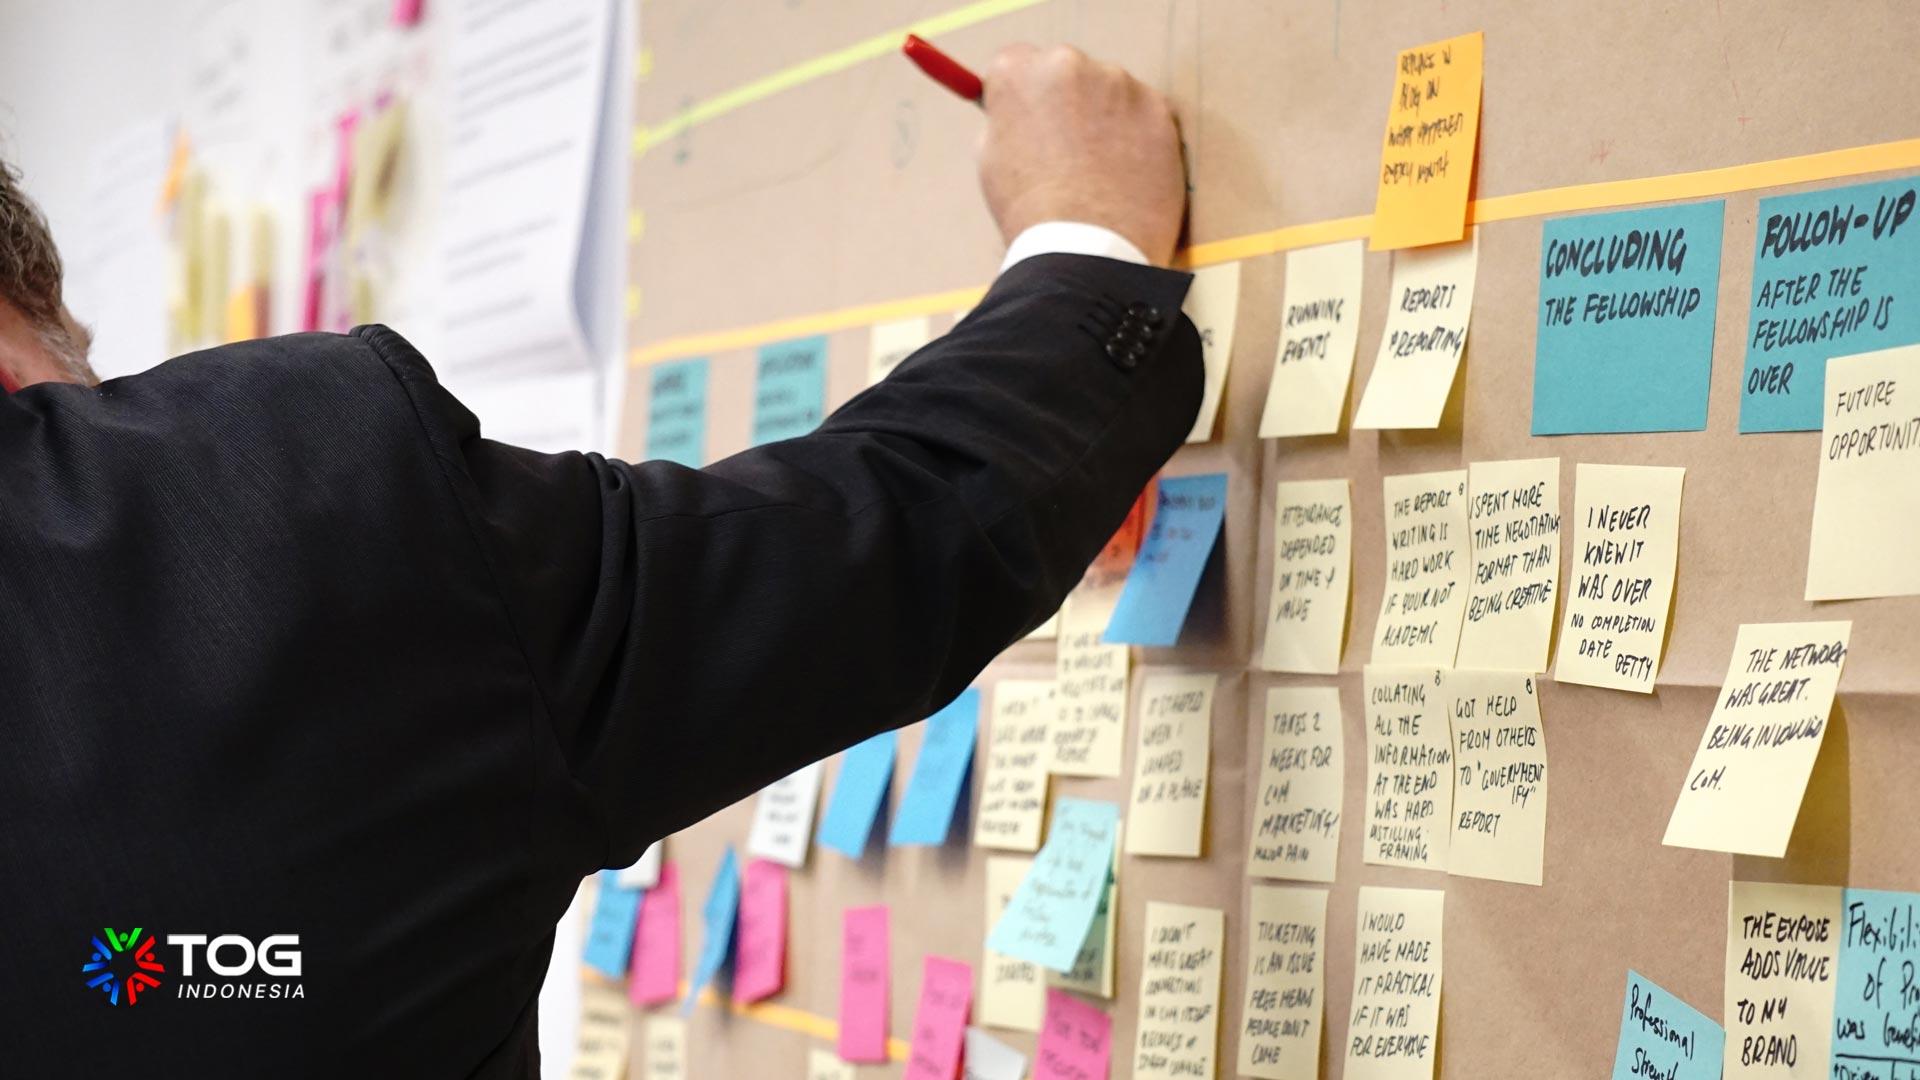 Mengenal UX Research, Profesi Menjanjikan yang Dicari Perusahaan Besar